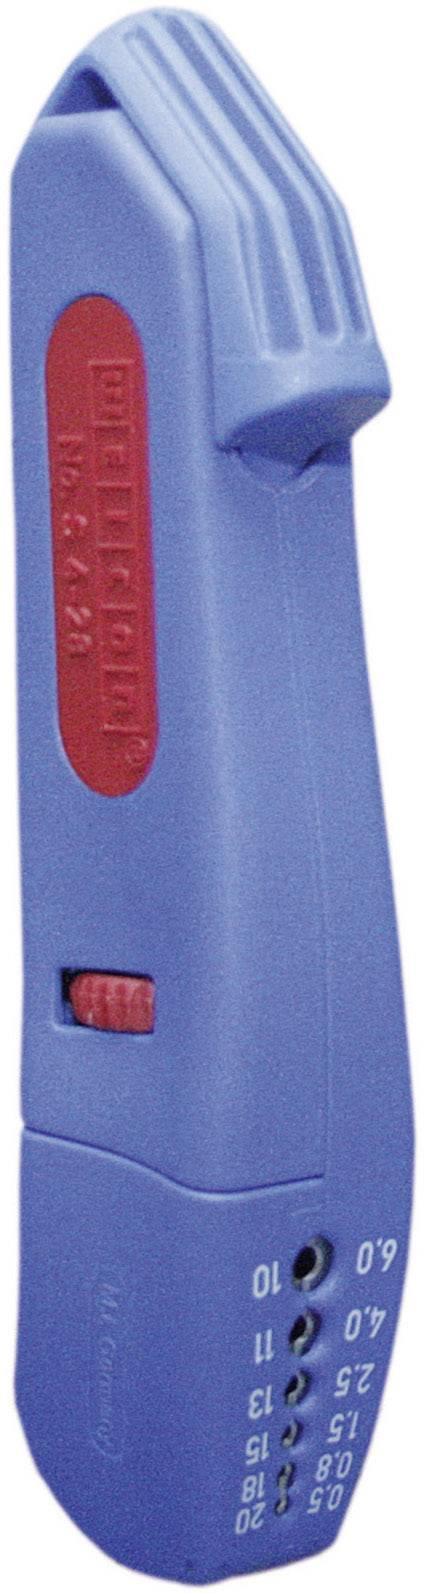 Odizolovací nůž WEICON TOOLS S 4-28 Multi 50057328, 4 až 28 mm, 0.5 až 6 mm²